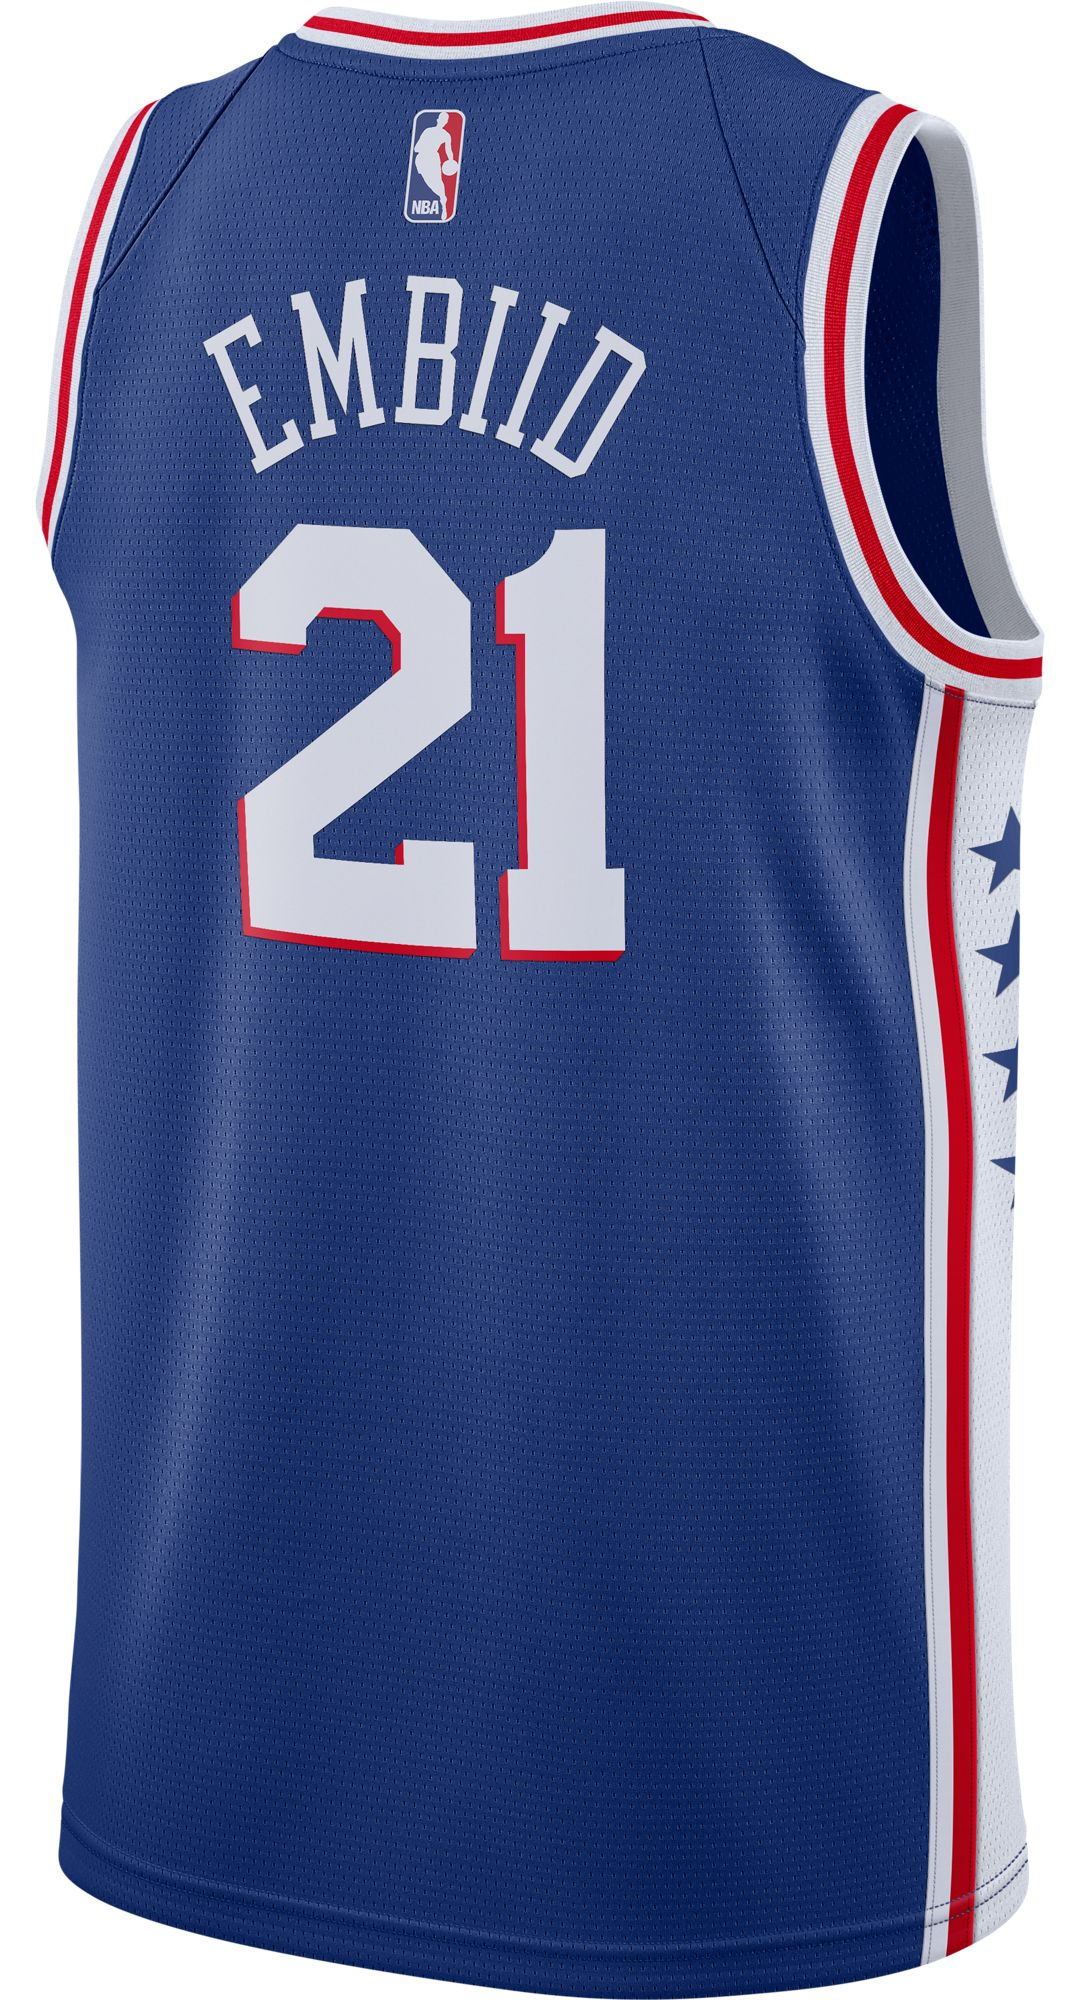 meet ca281 f64a6 Nike Men's Philadelphia 76ers Joel Embiid #21 Royal Dri-FIT Swingman Jersey